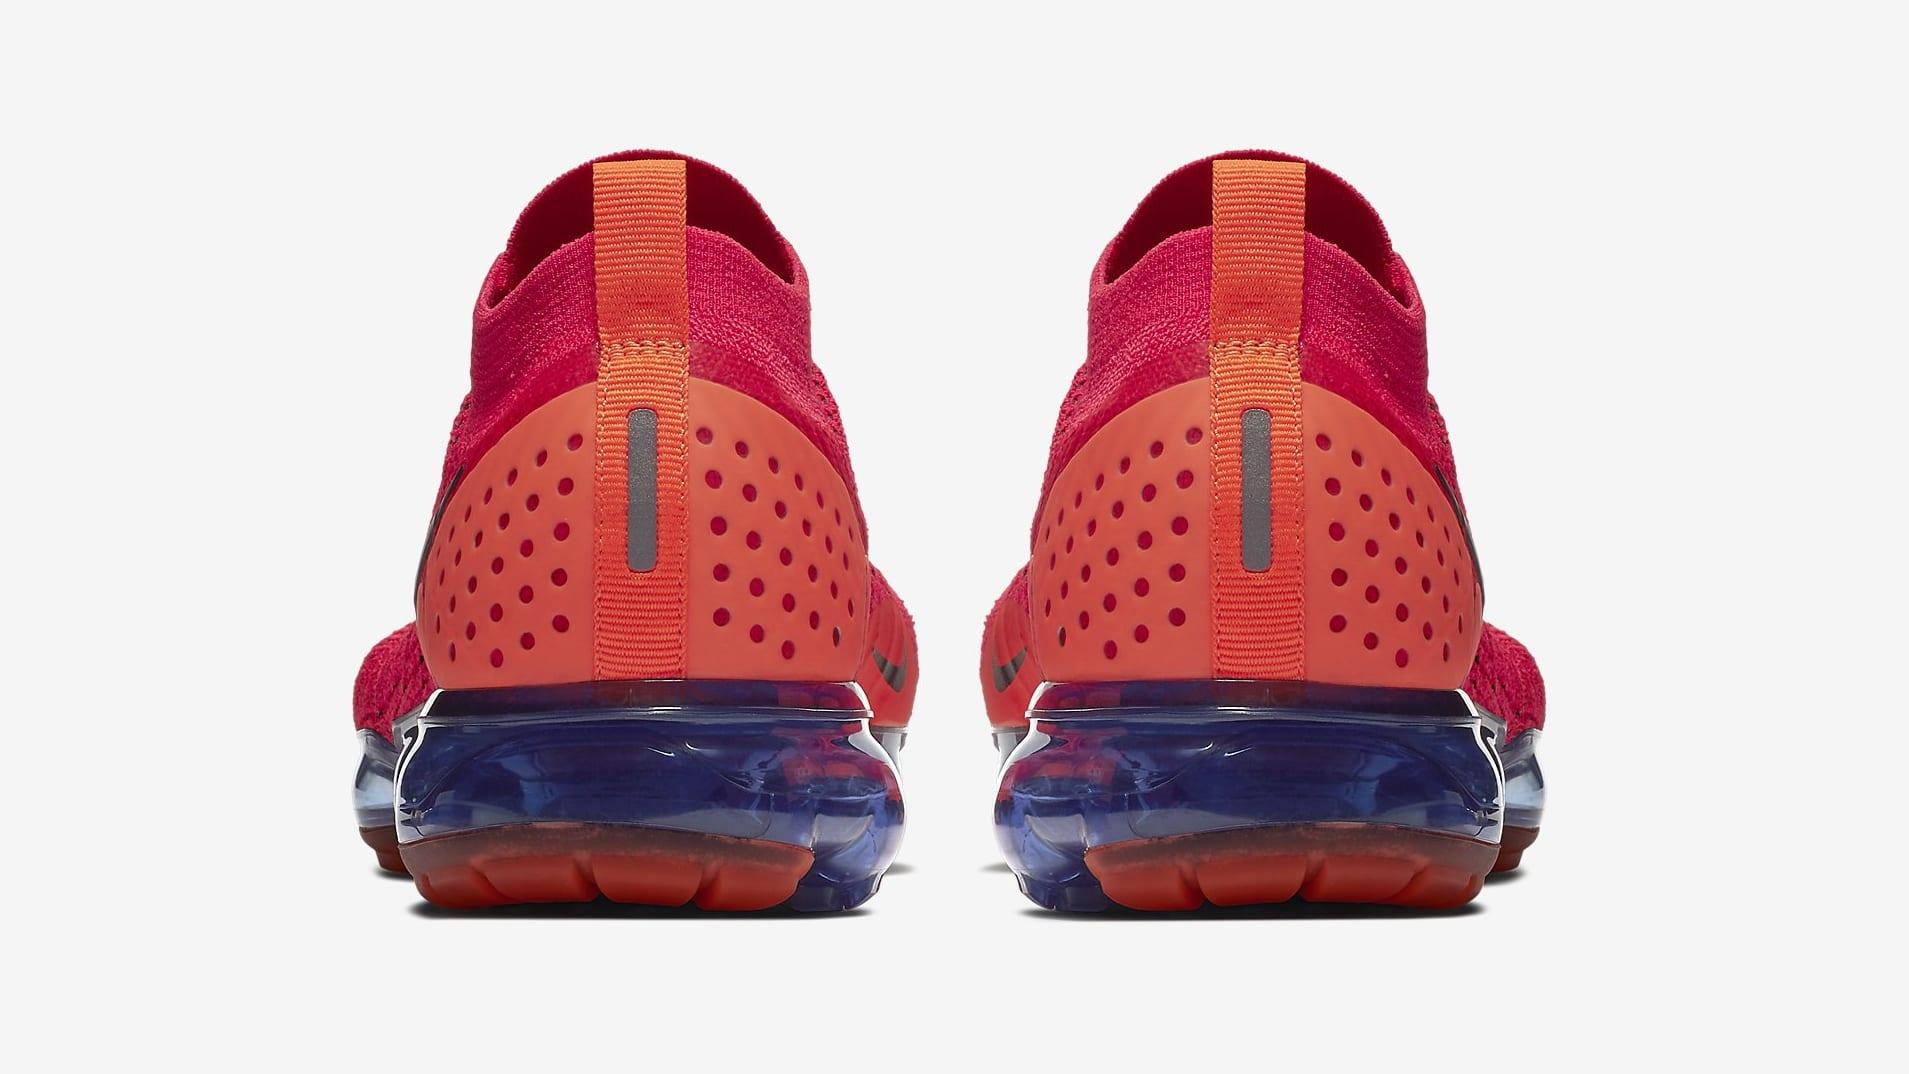 3c24d0eefd66c8 Sneakers Nike s Air VaporMax Plus Hybrid Appears In